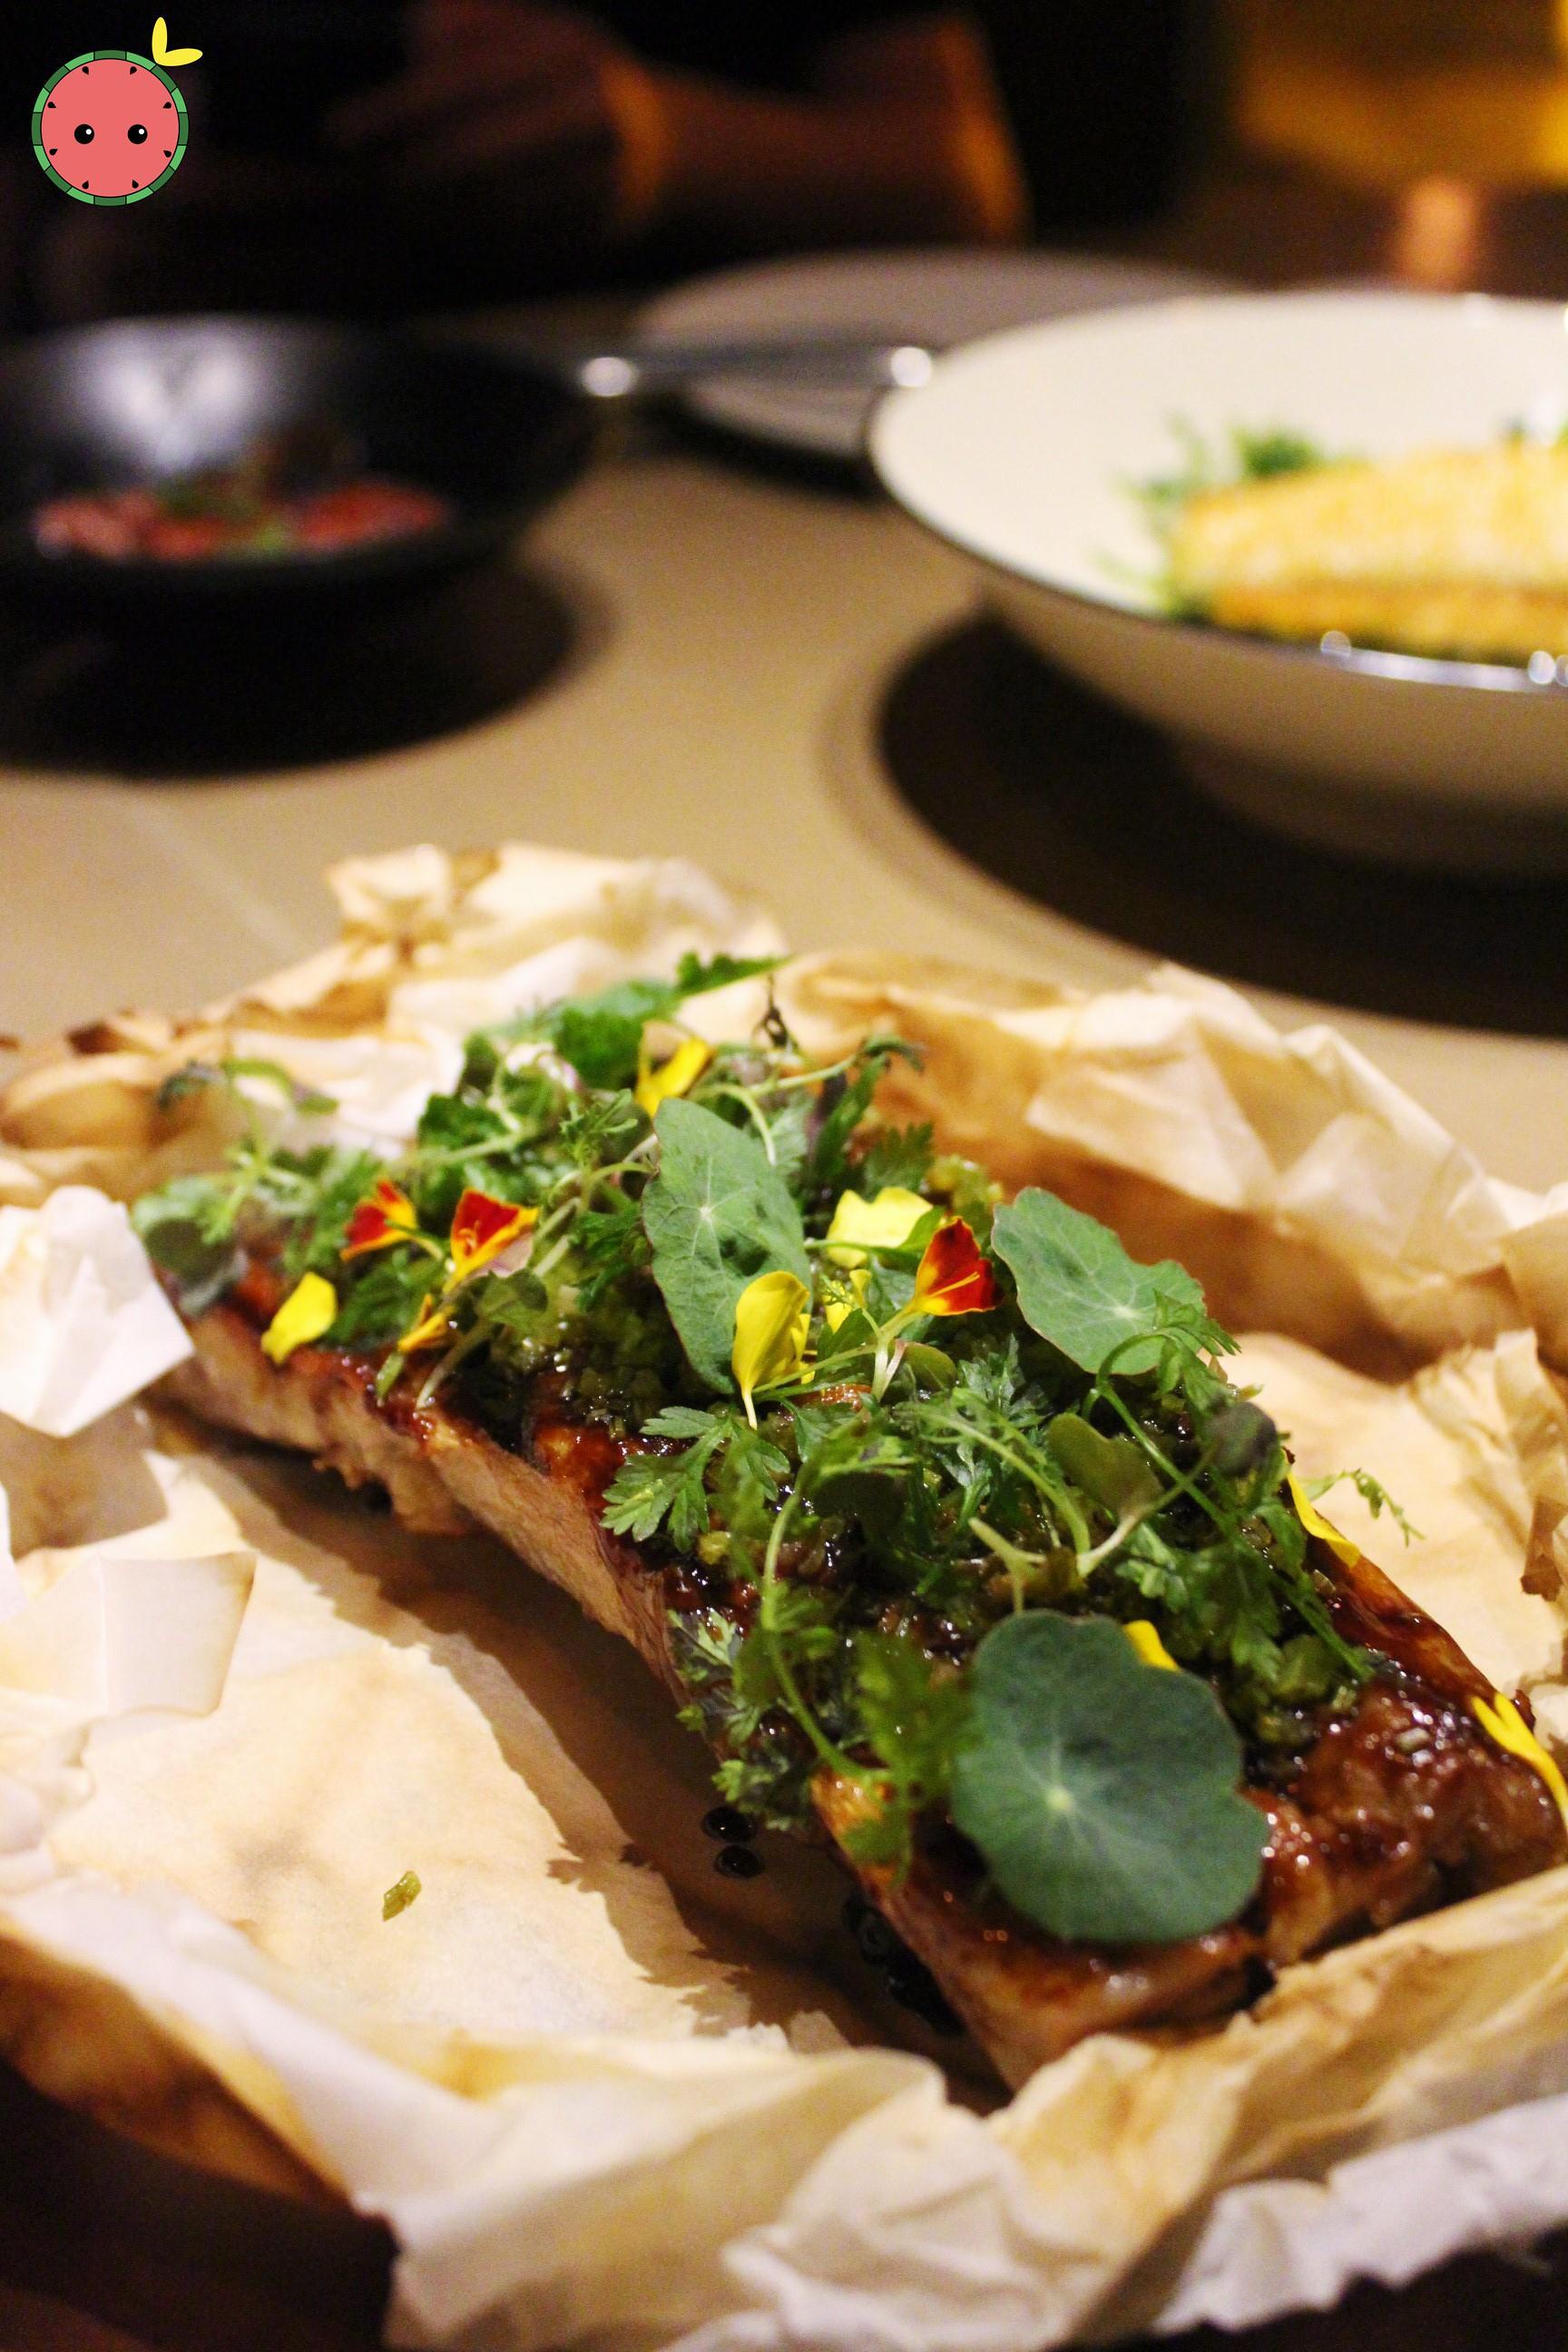 BBQ Pork Ribs - Plum & Miso Glaze, Capers, Mustard Greens